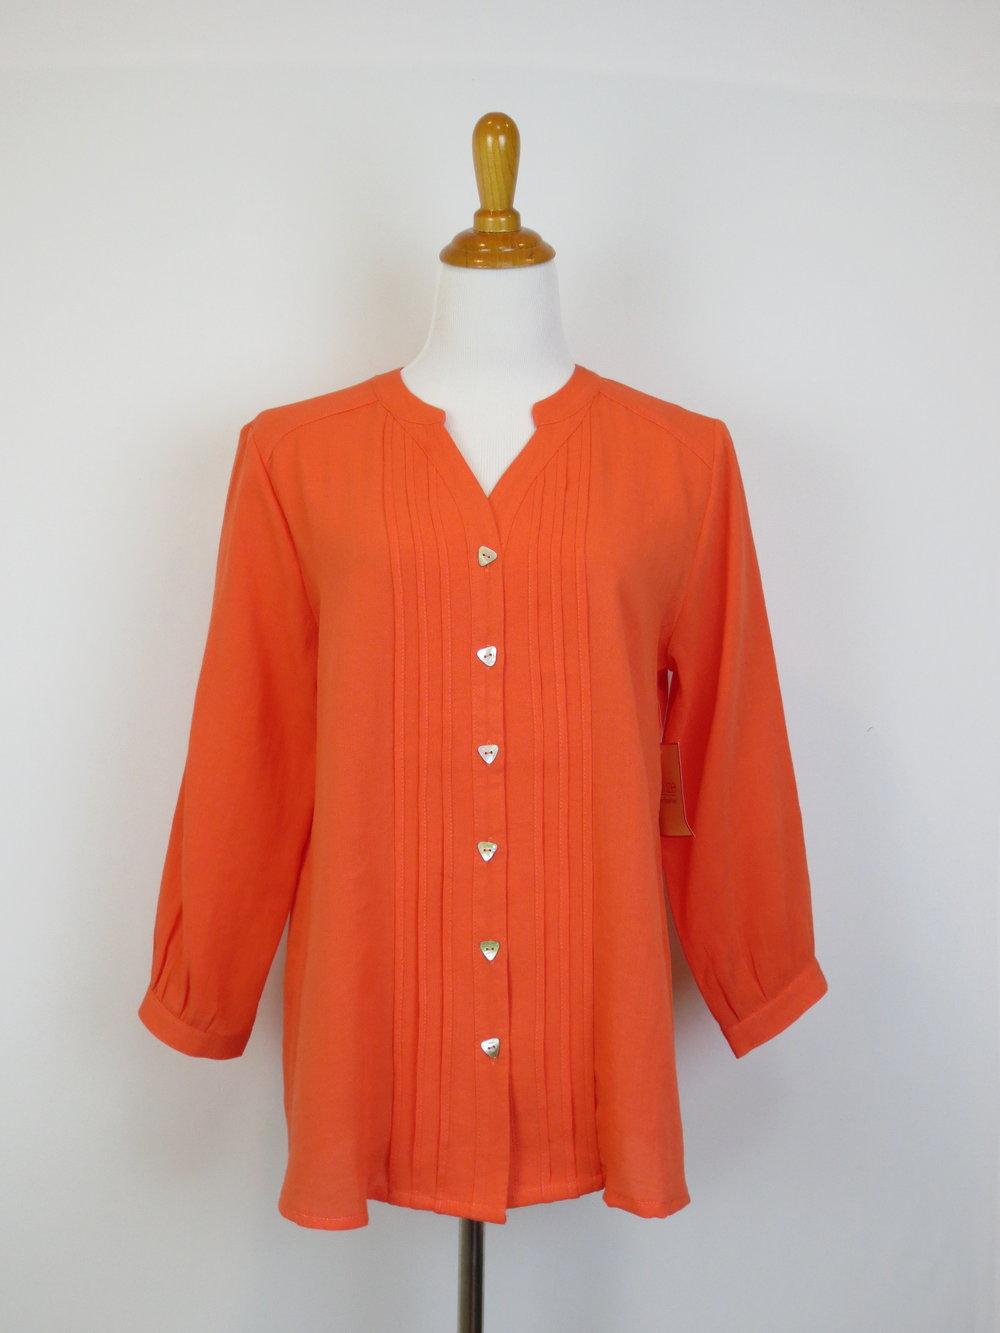 AA173- Tangerine.JPG